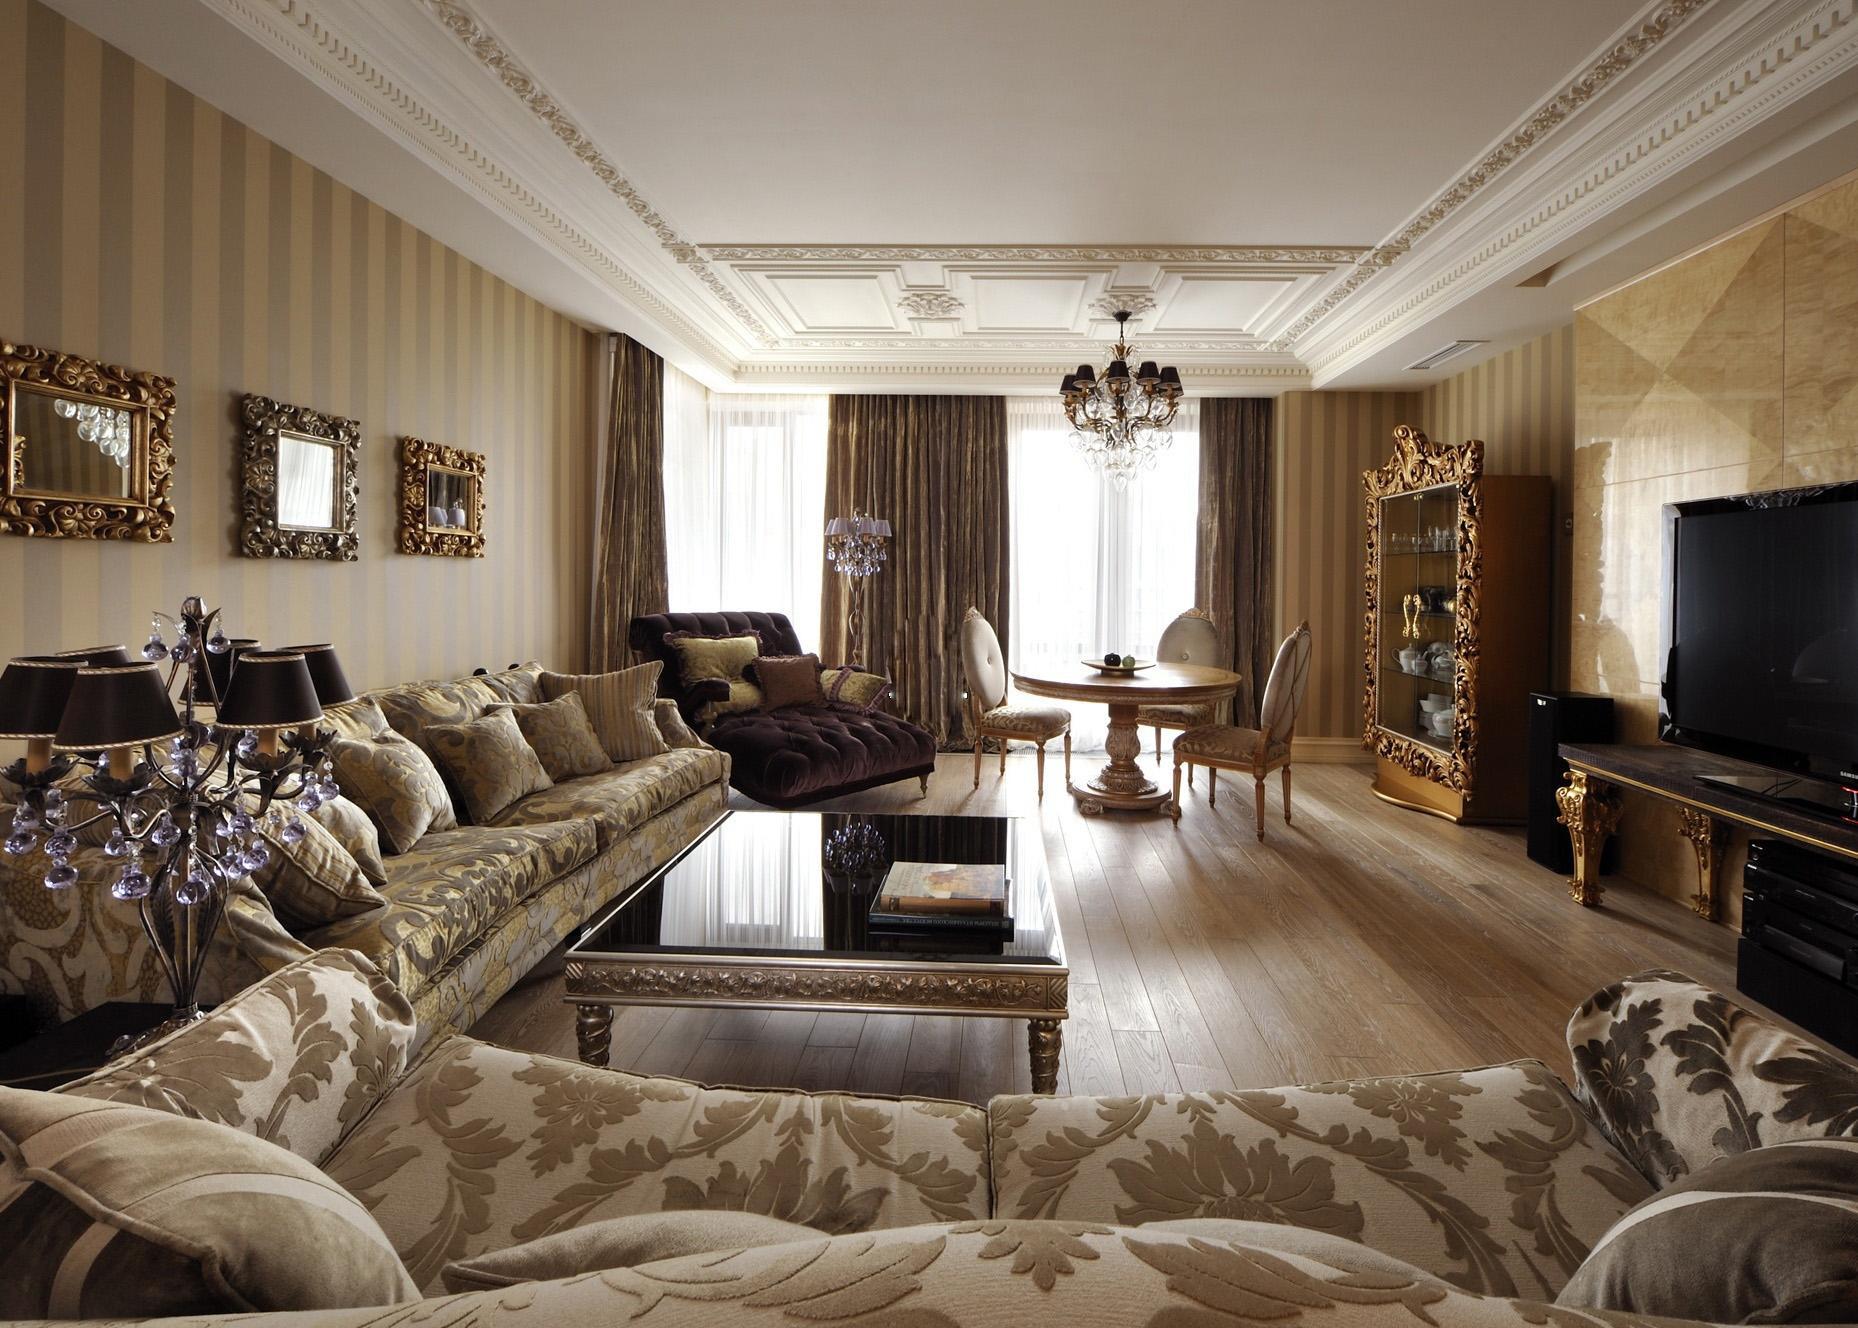 Бело-коричневая гостиная в классическом стиле